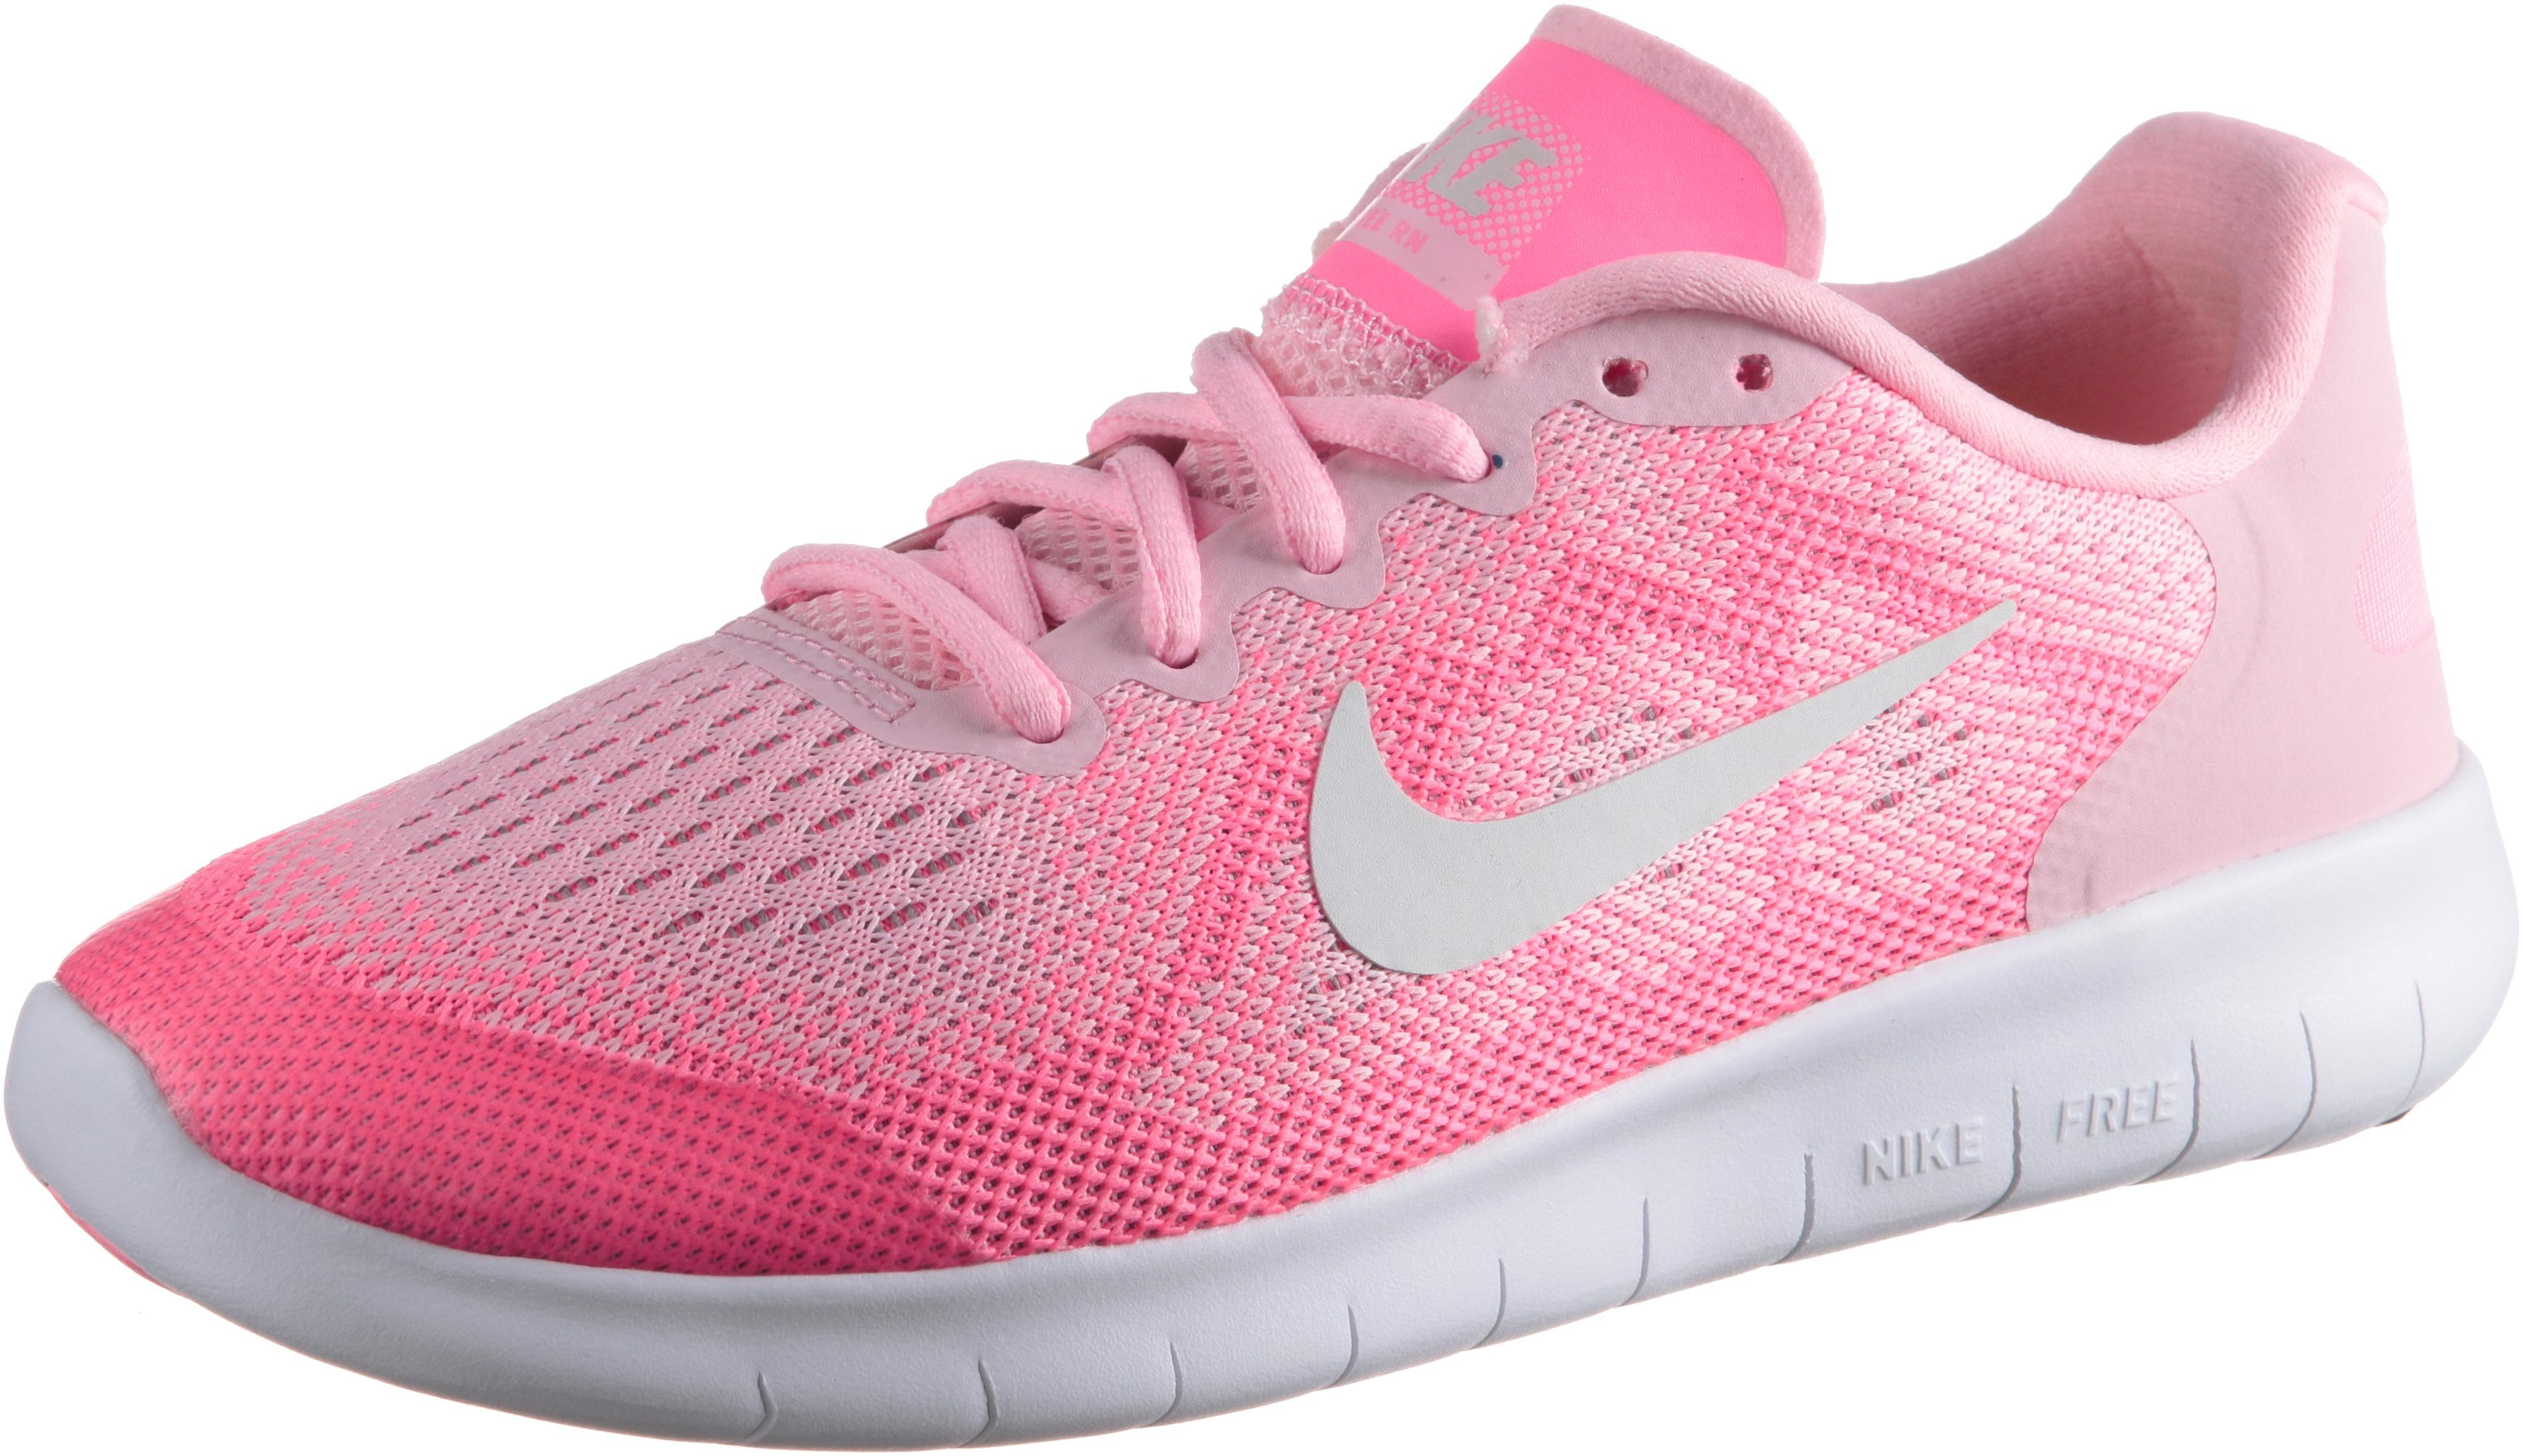 Nike Air Force 1 LV8 2 Sneaker Mädchen weiß schwarz im Online Shop von SportScheck kaufen